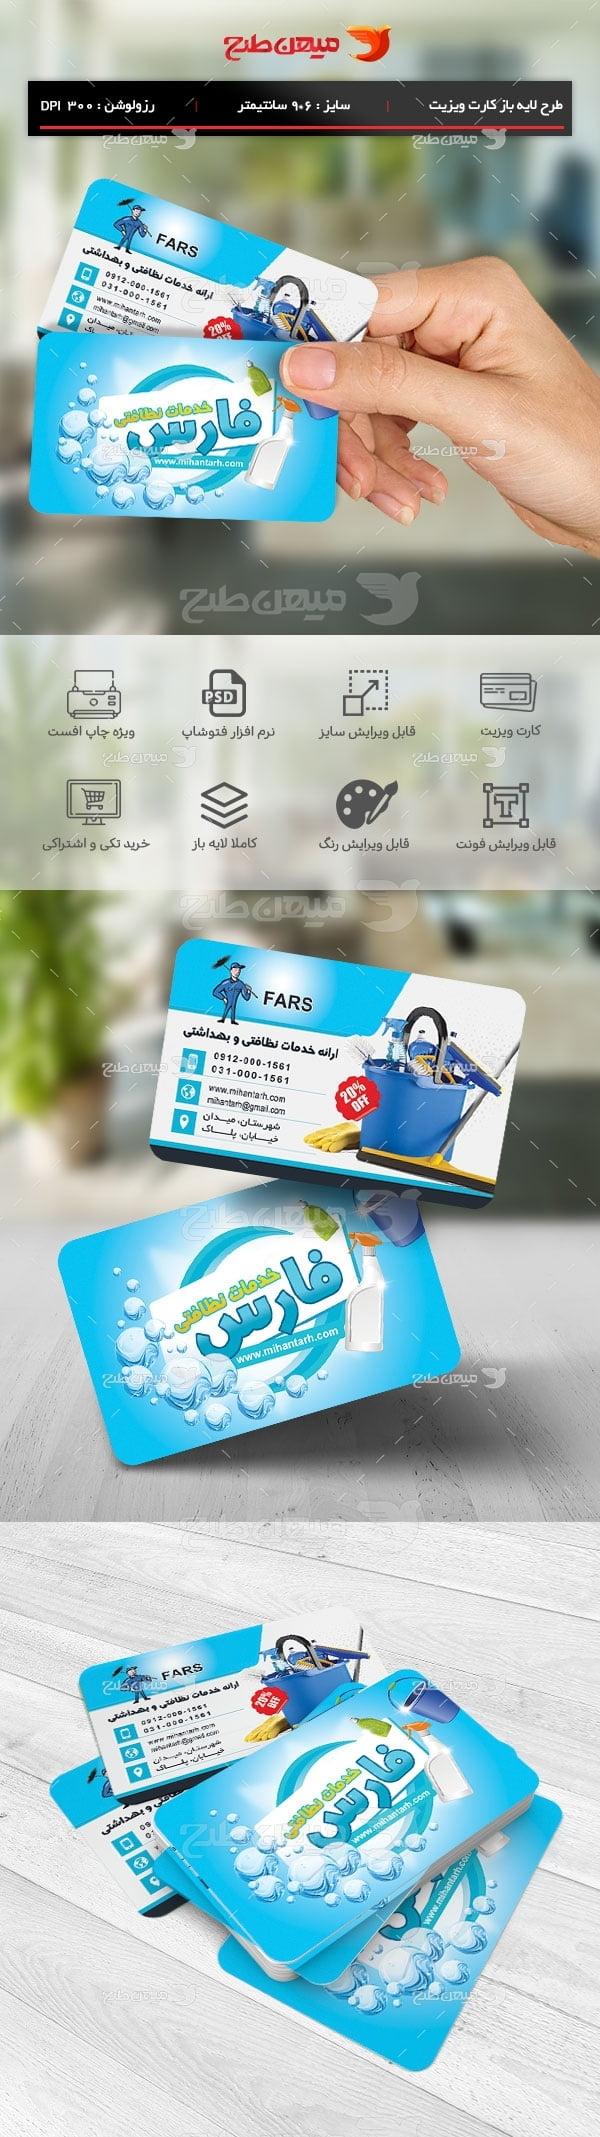 طرح لایه باز کارت ویزیت خدمات منزل فارس